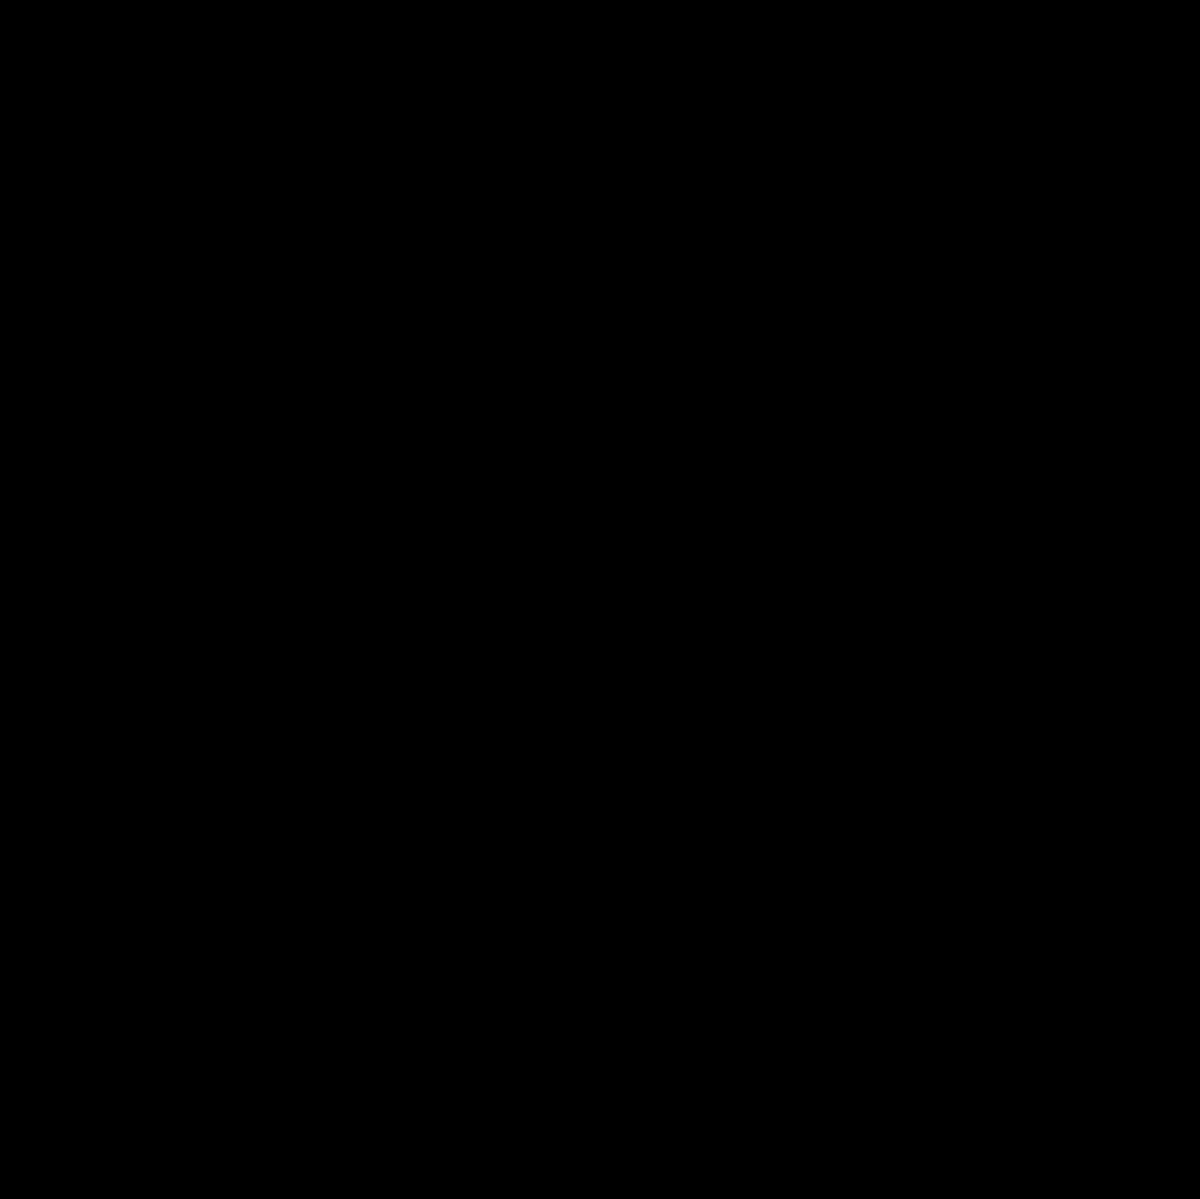 f:id:GSNYC:20210723132627p:plain